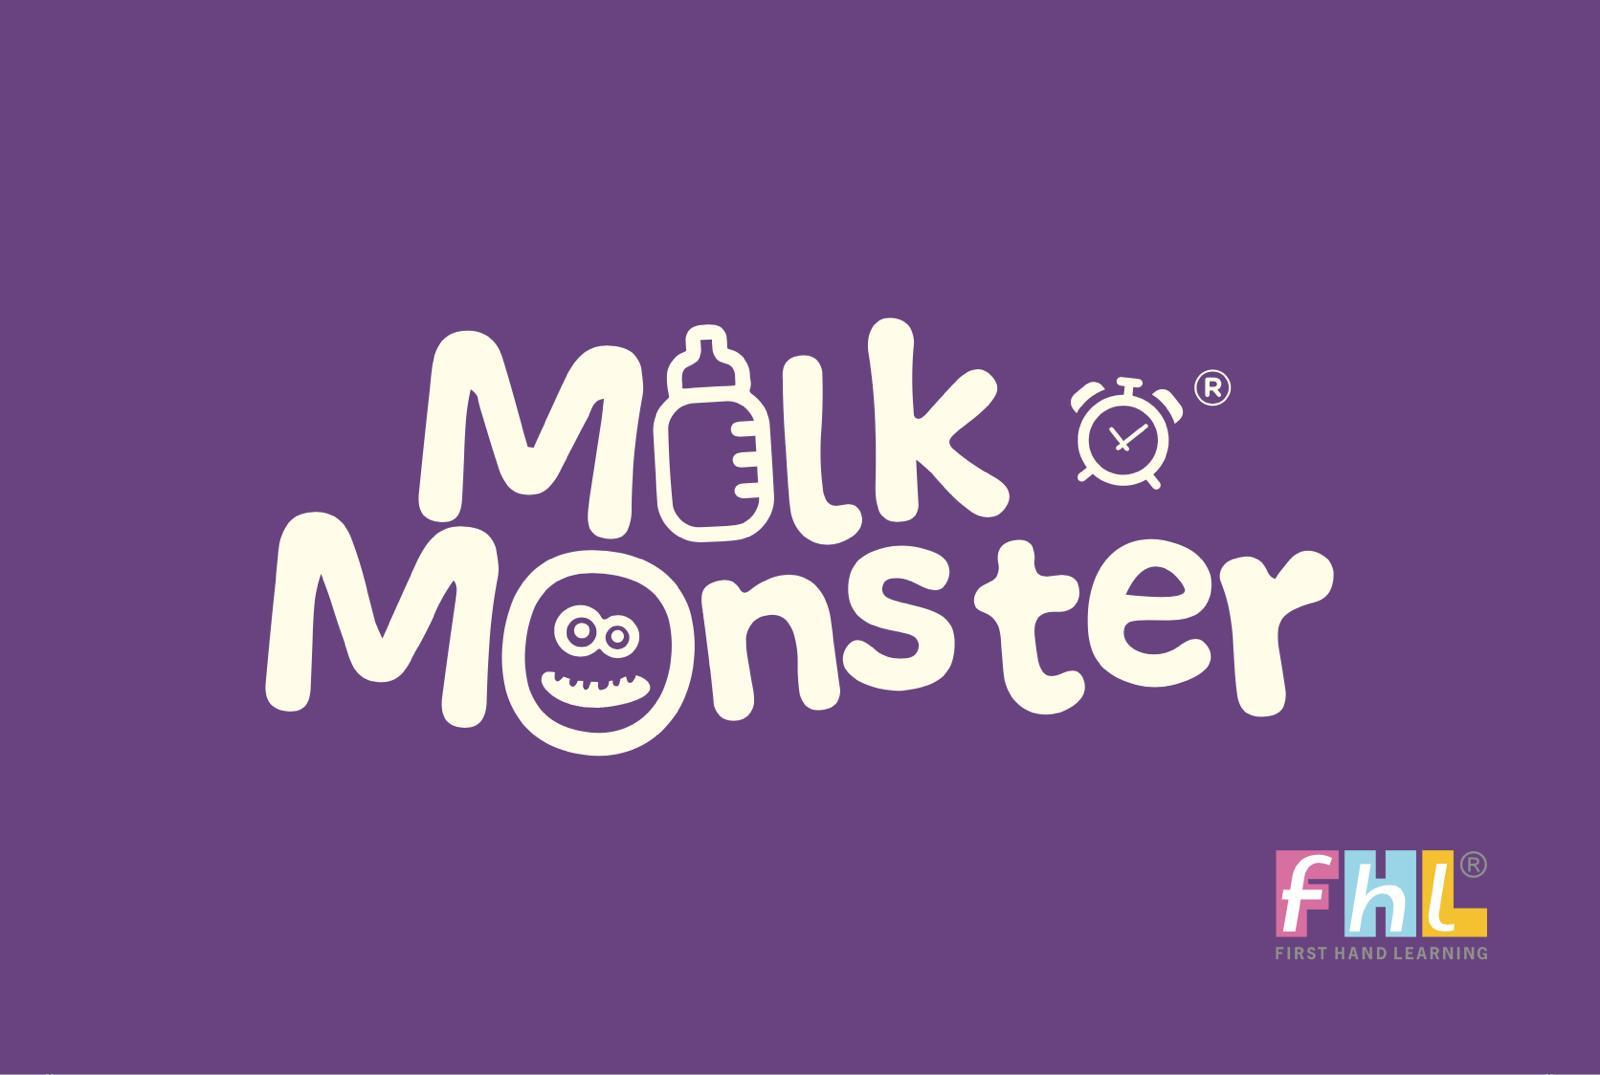 Milk Monster